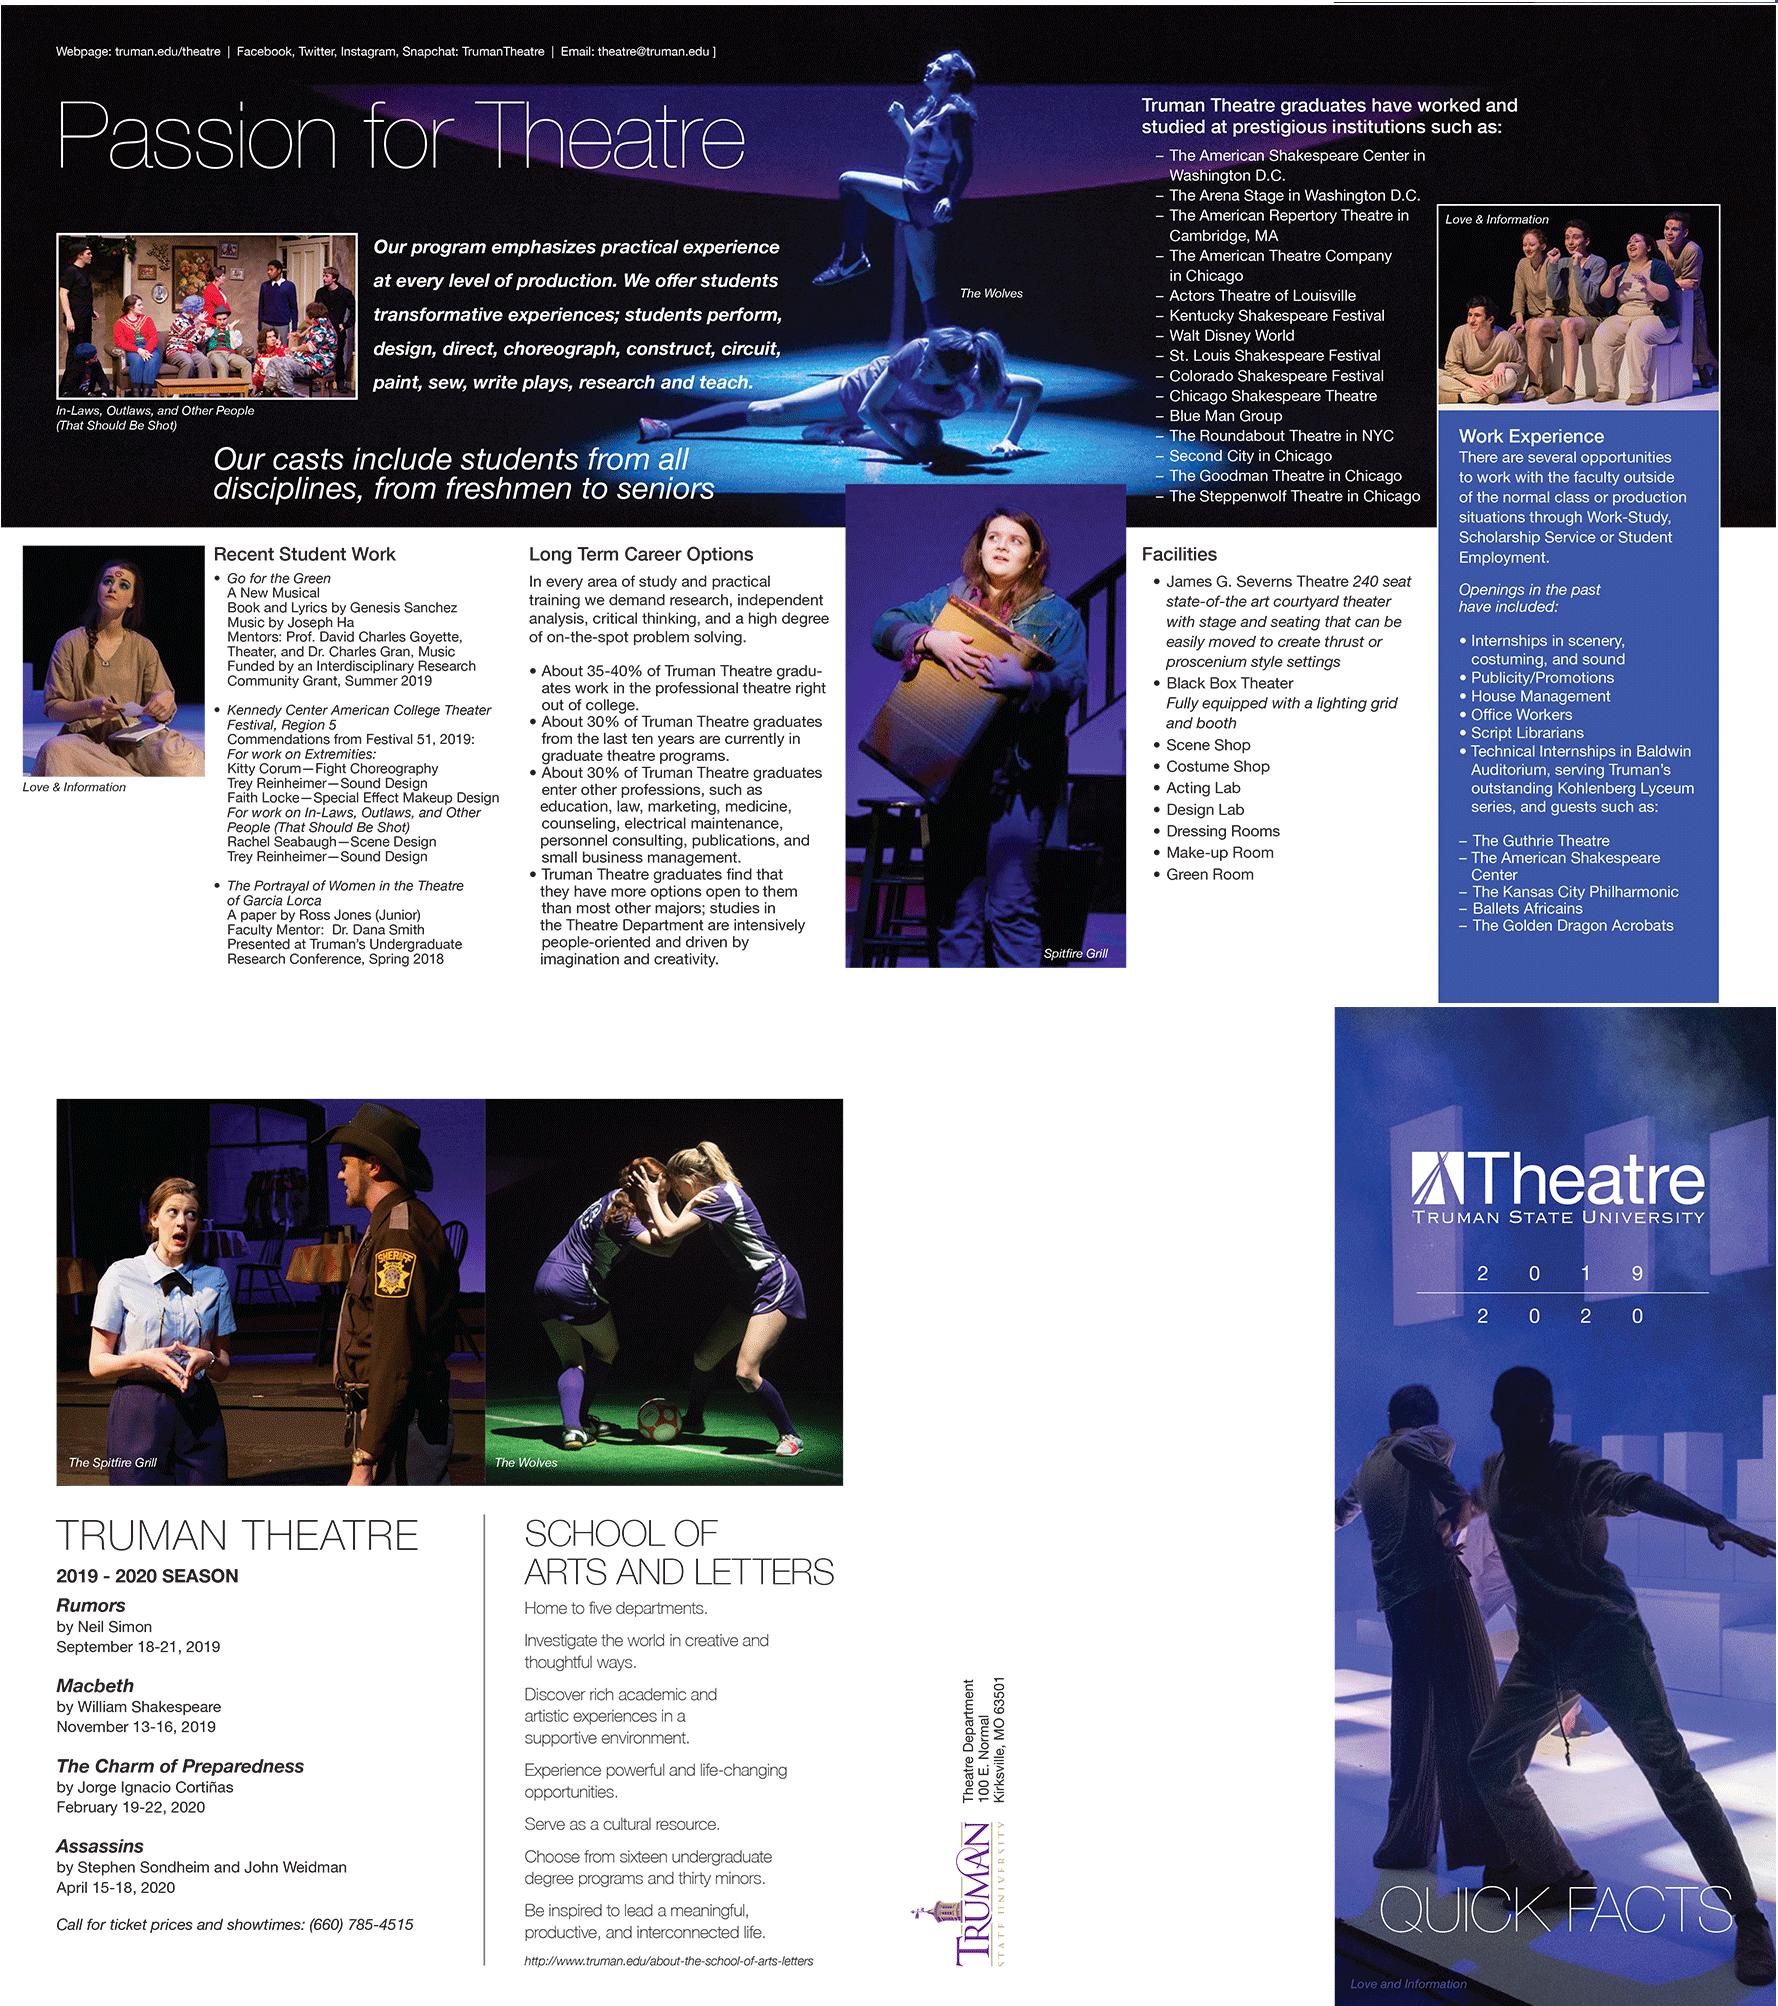 Theatre Quick Facts